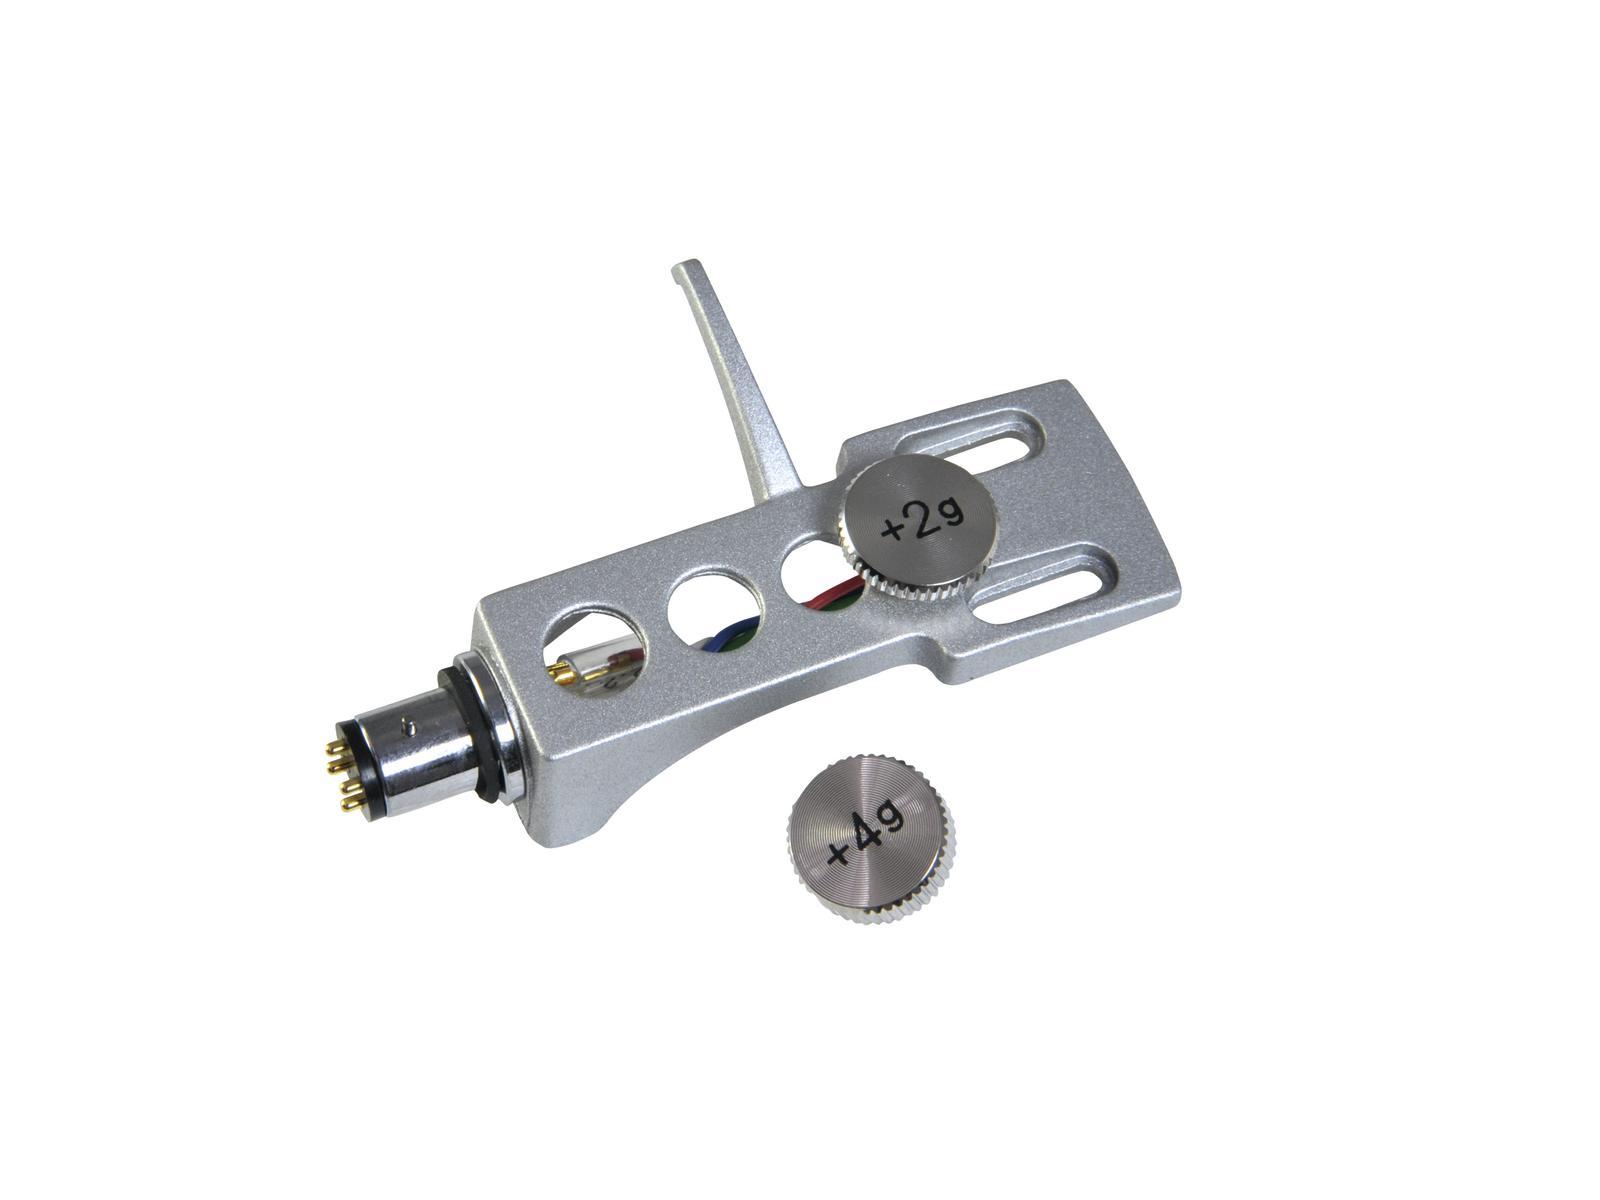 OMNITRONIC Headshell Systemträger mit Gewicht sil